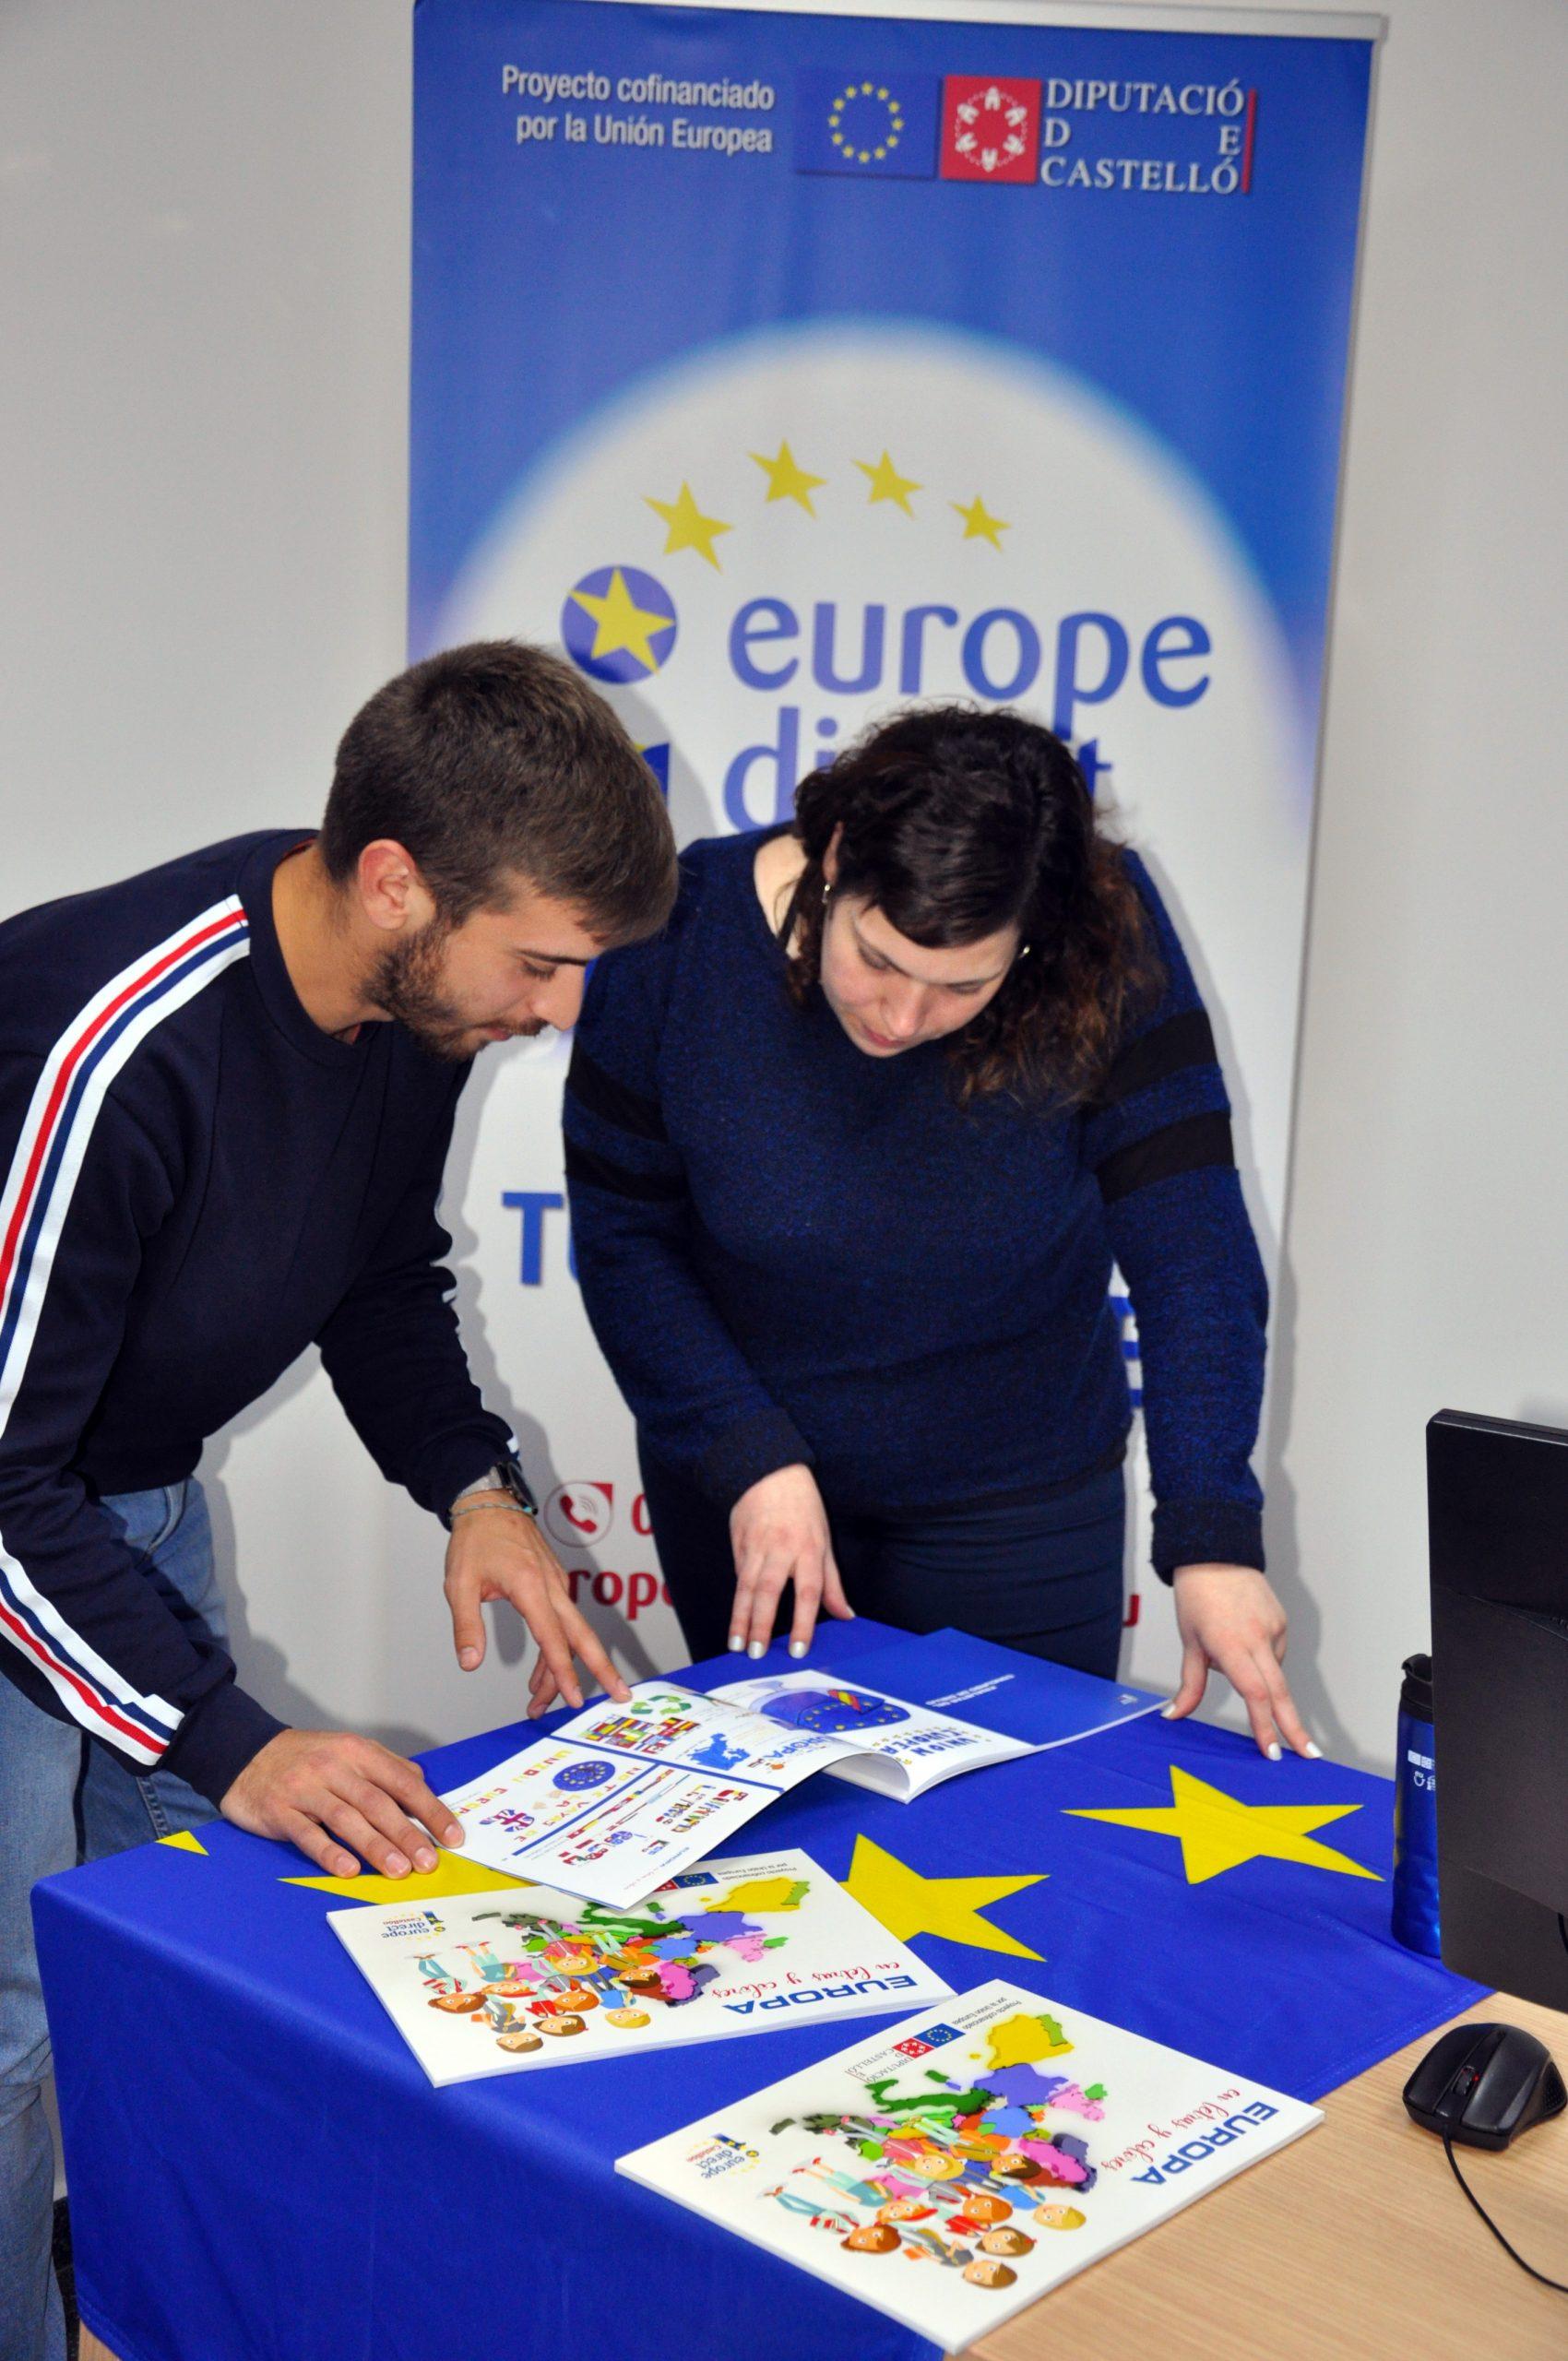 El centro Europe Direct de la Diputació acerca las oportunidades de trabajo de la UE a la juventud de la provincia